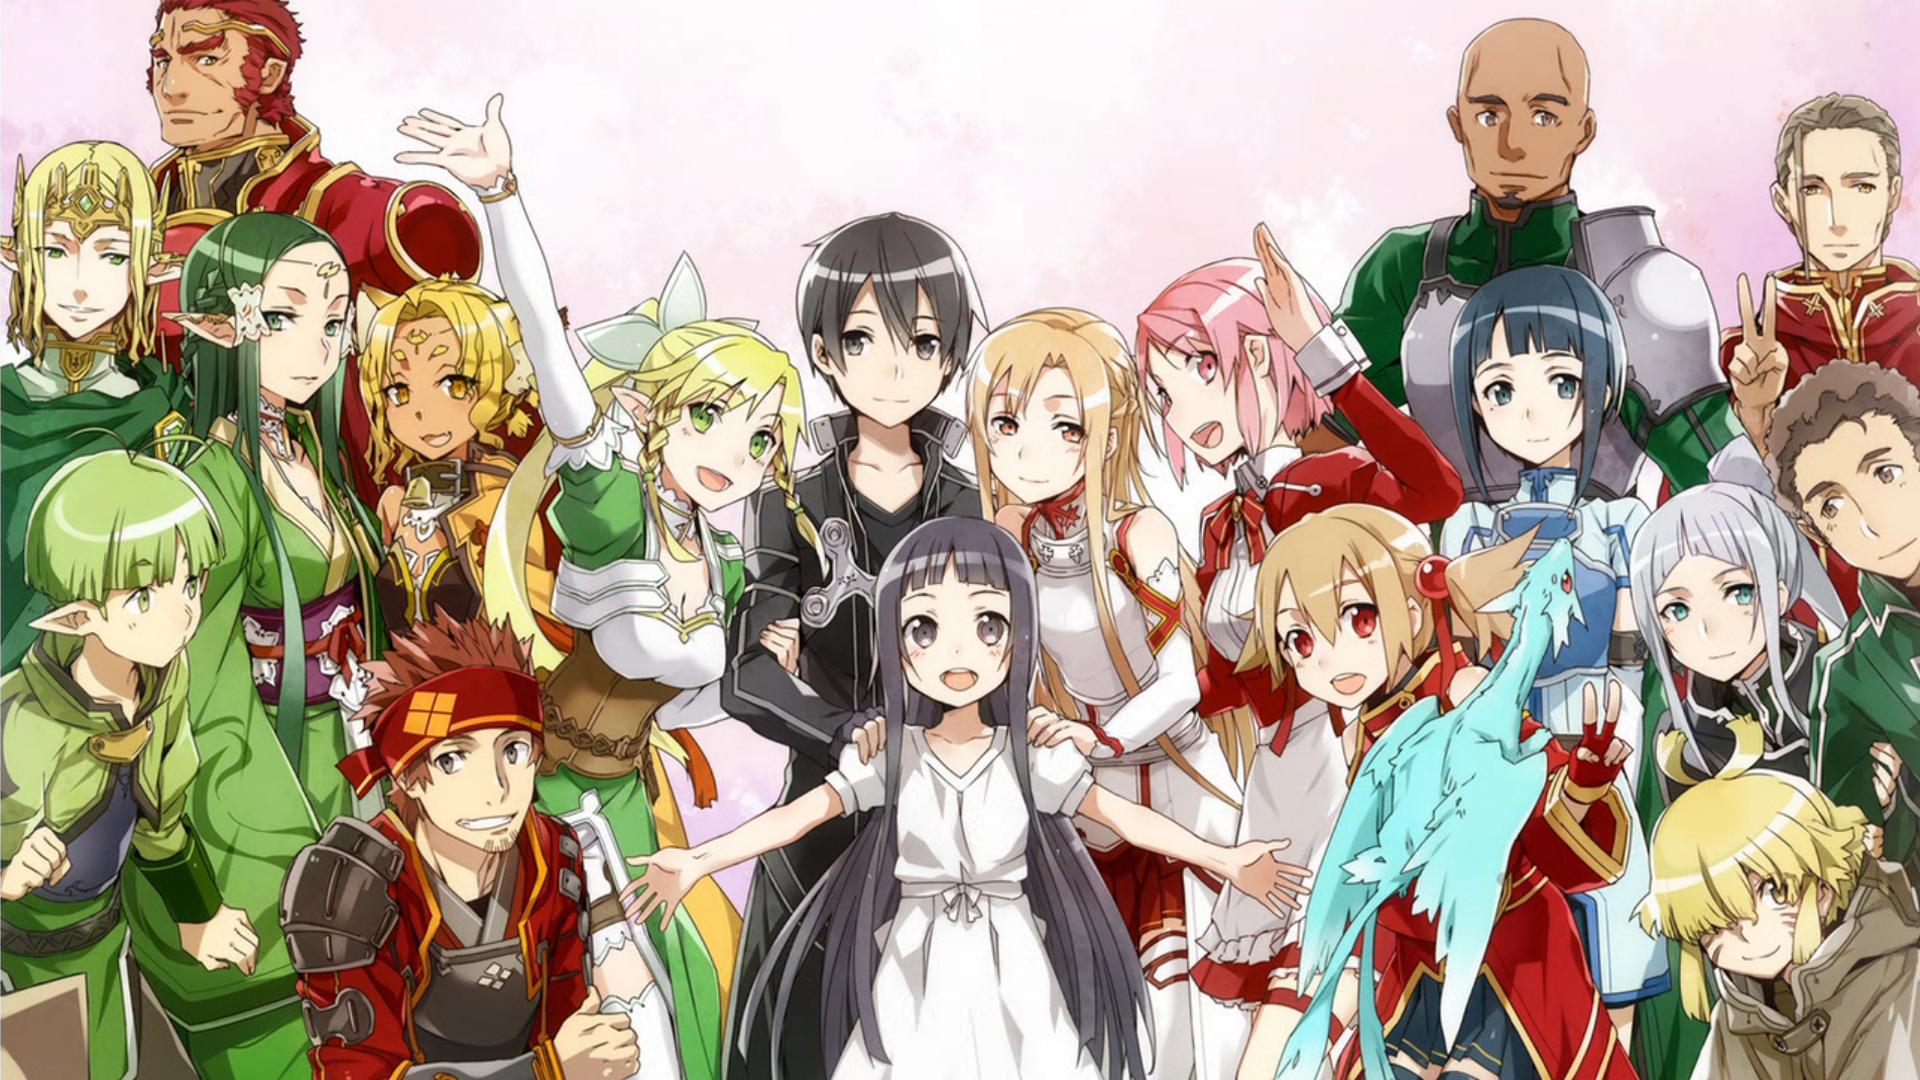 Sword Art Online wallpaper 42